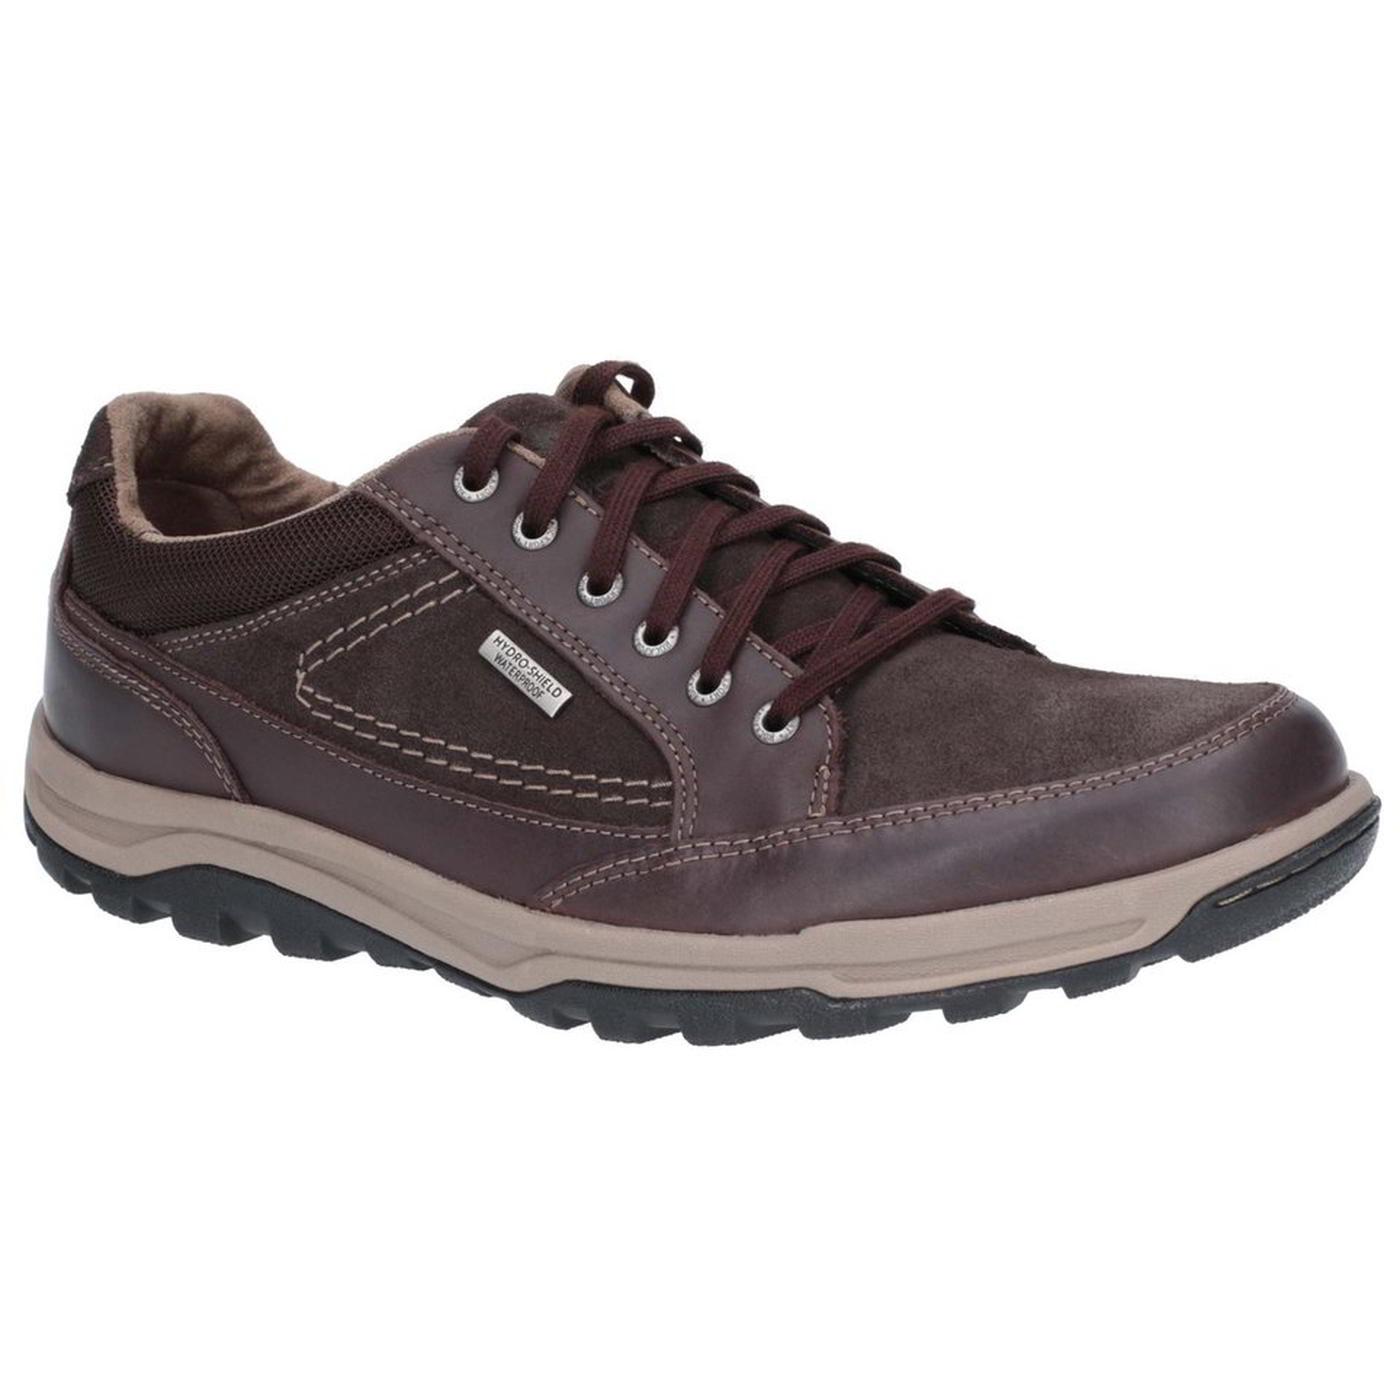 cda7a0cd46d Détails sur Rockport Trail Imperméable Homme En Cuir Marche Baskets  Chaussures Taille 8-11- afficher le titre d origine